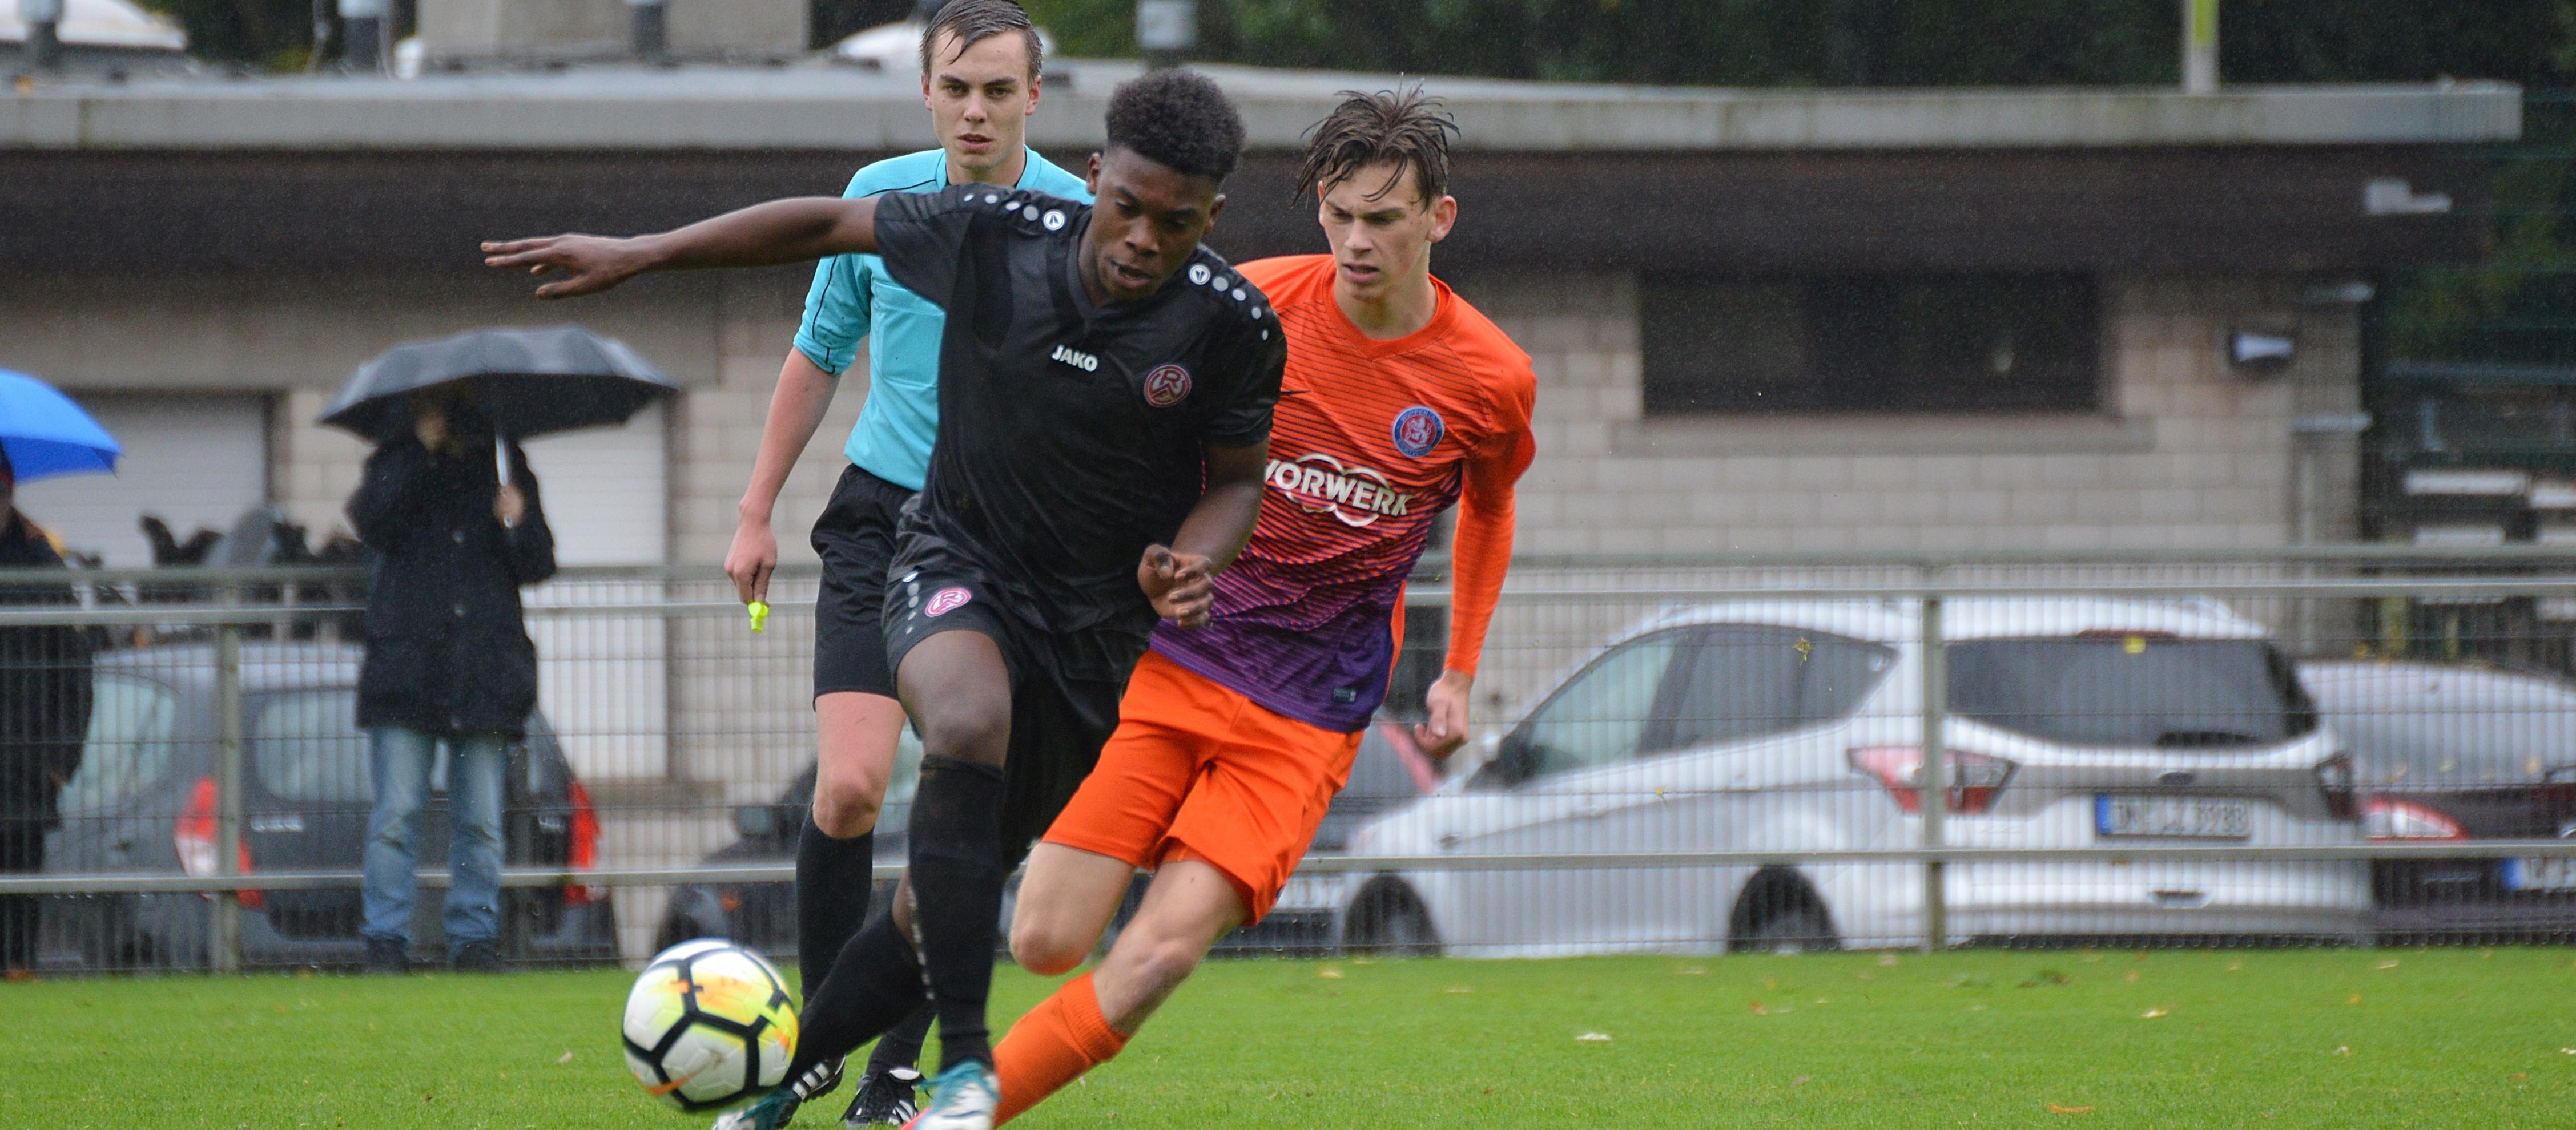 Für die rot-weisse U19 steht am Sonntag das Spitzenspiel gegen den Wuppertaler SV an. (Foto: Skuppin)